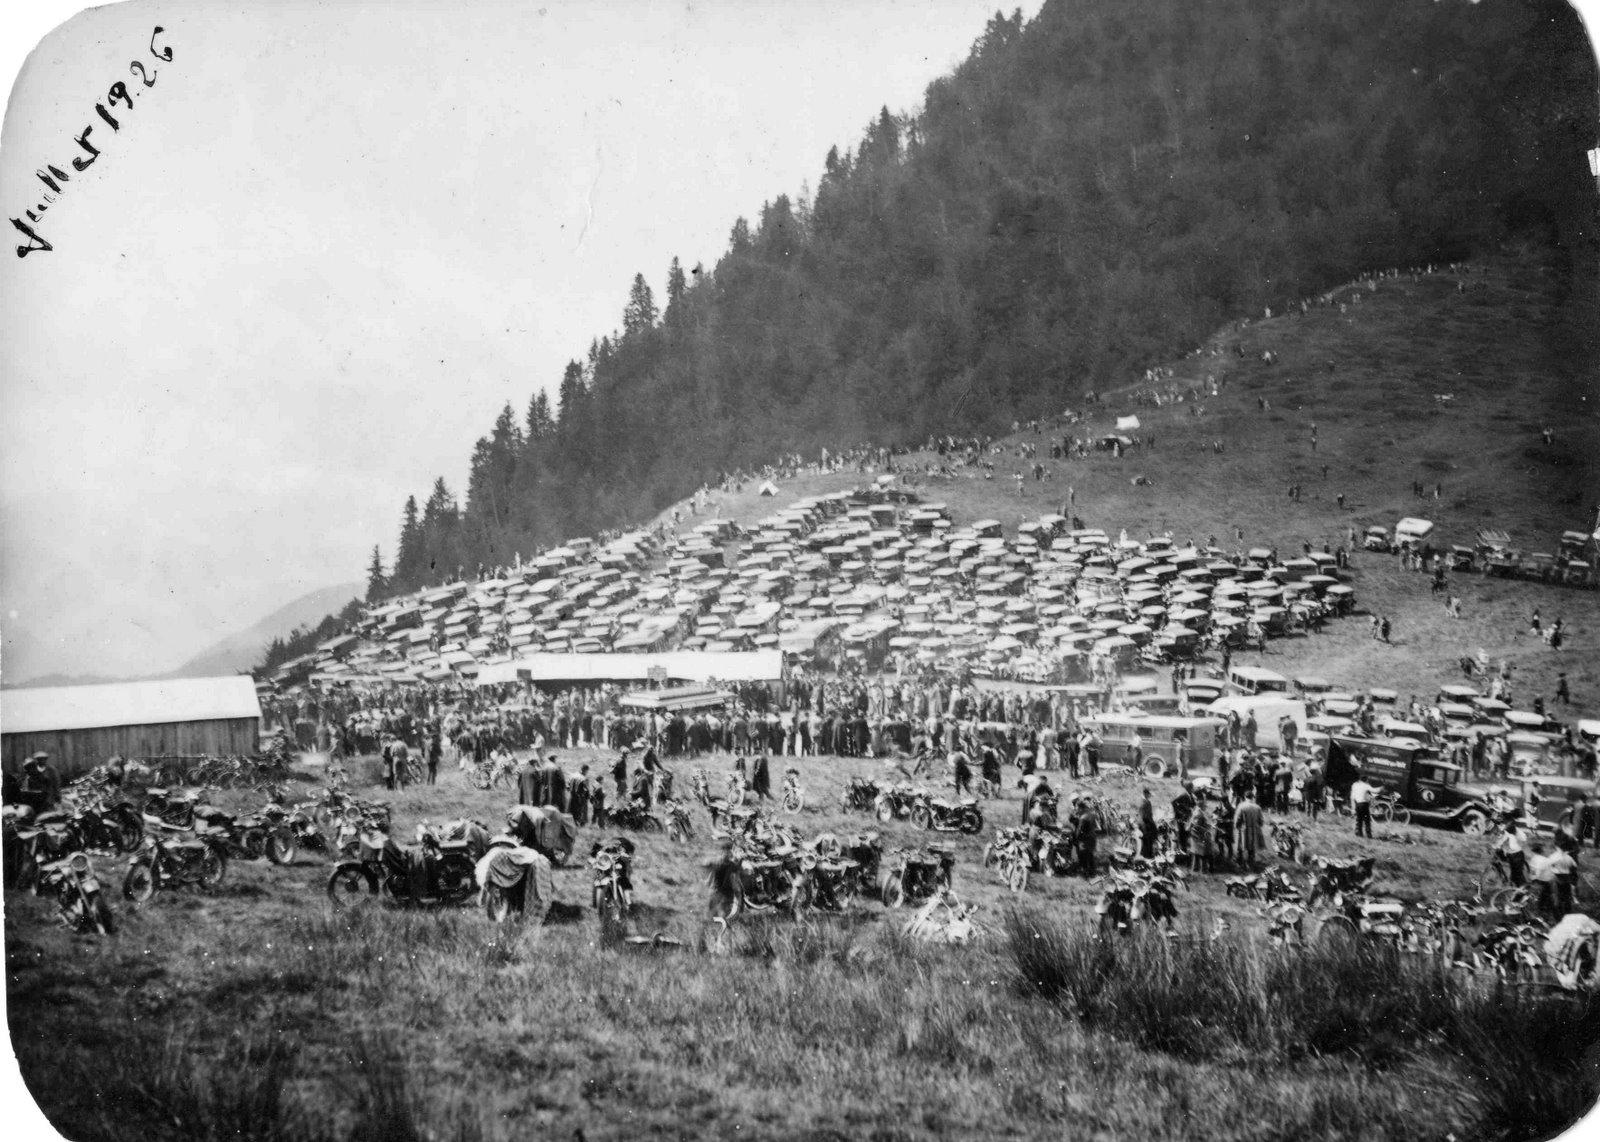 'Aspin Juillet 1926